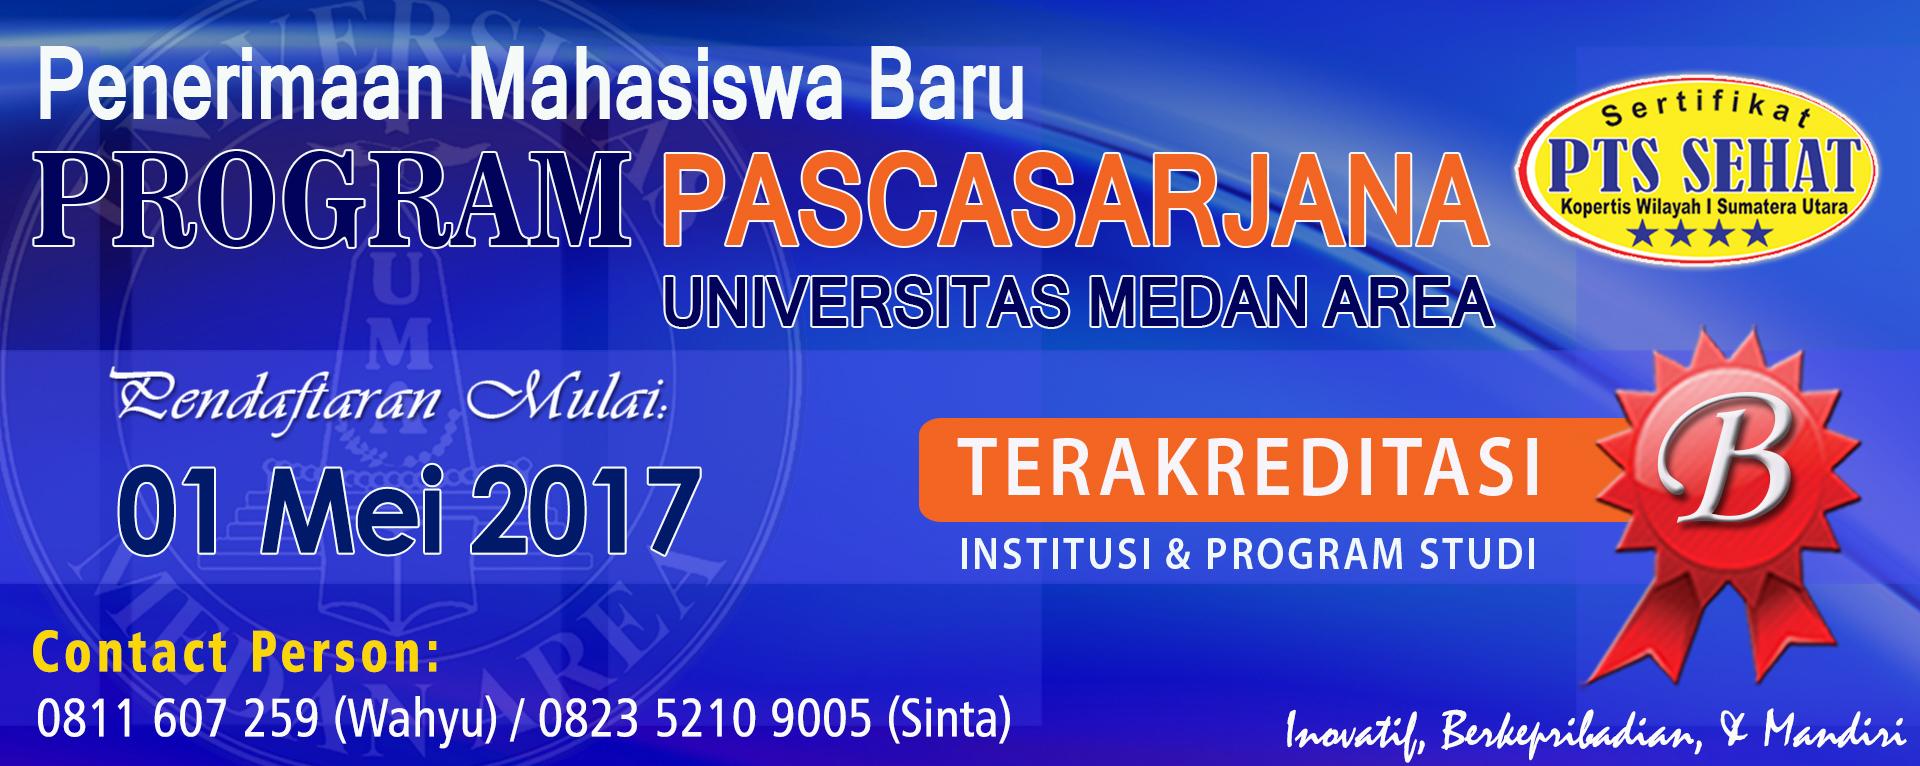 Penerimaan Mahasiswa Baru TA 2016/2017